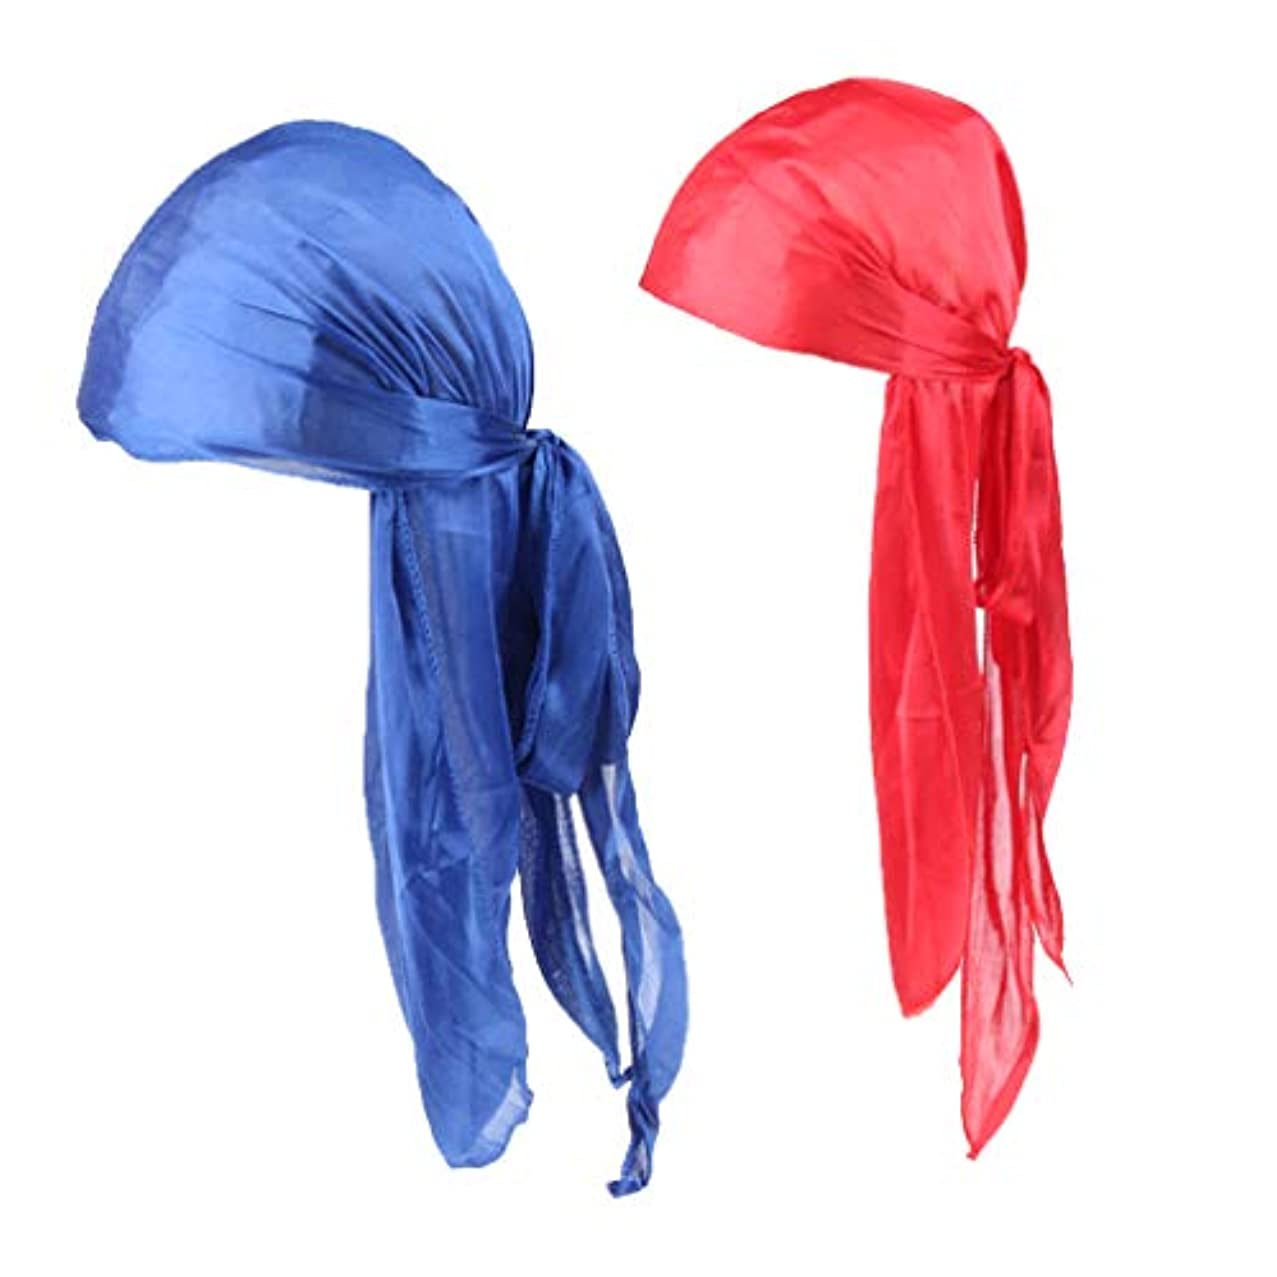 D DOLITY バンダナキャップ メンズ レディース インナーキャップ バンダナ帽子 虹色 コスプレ アクセサリー